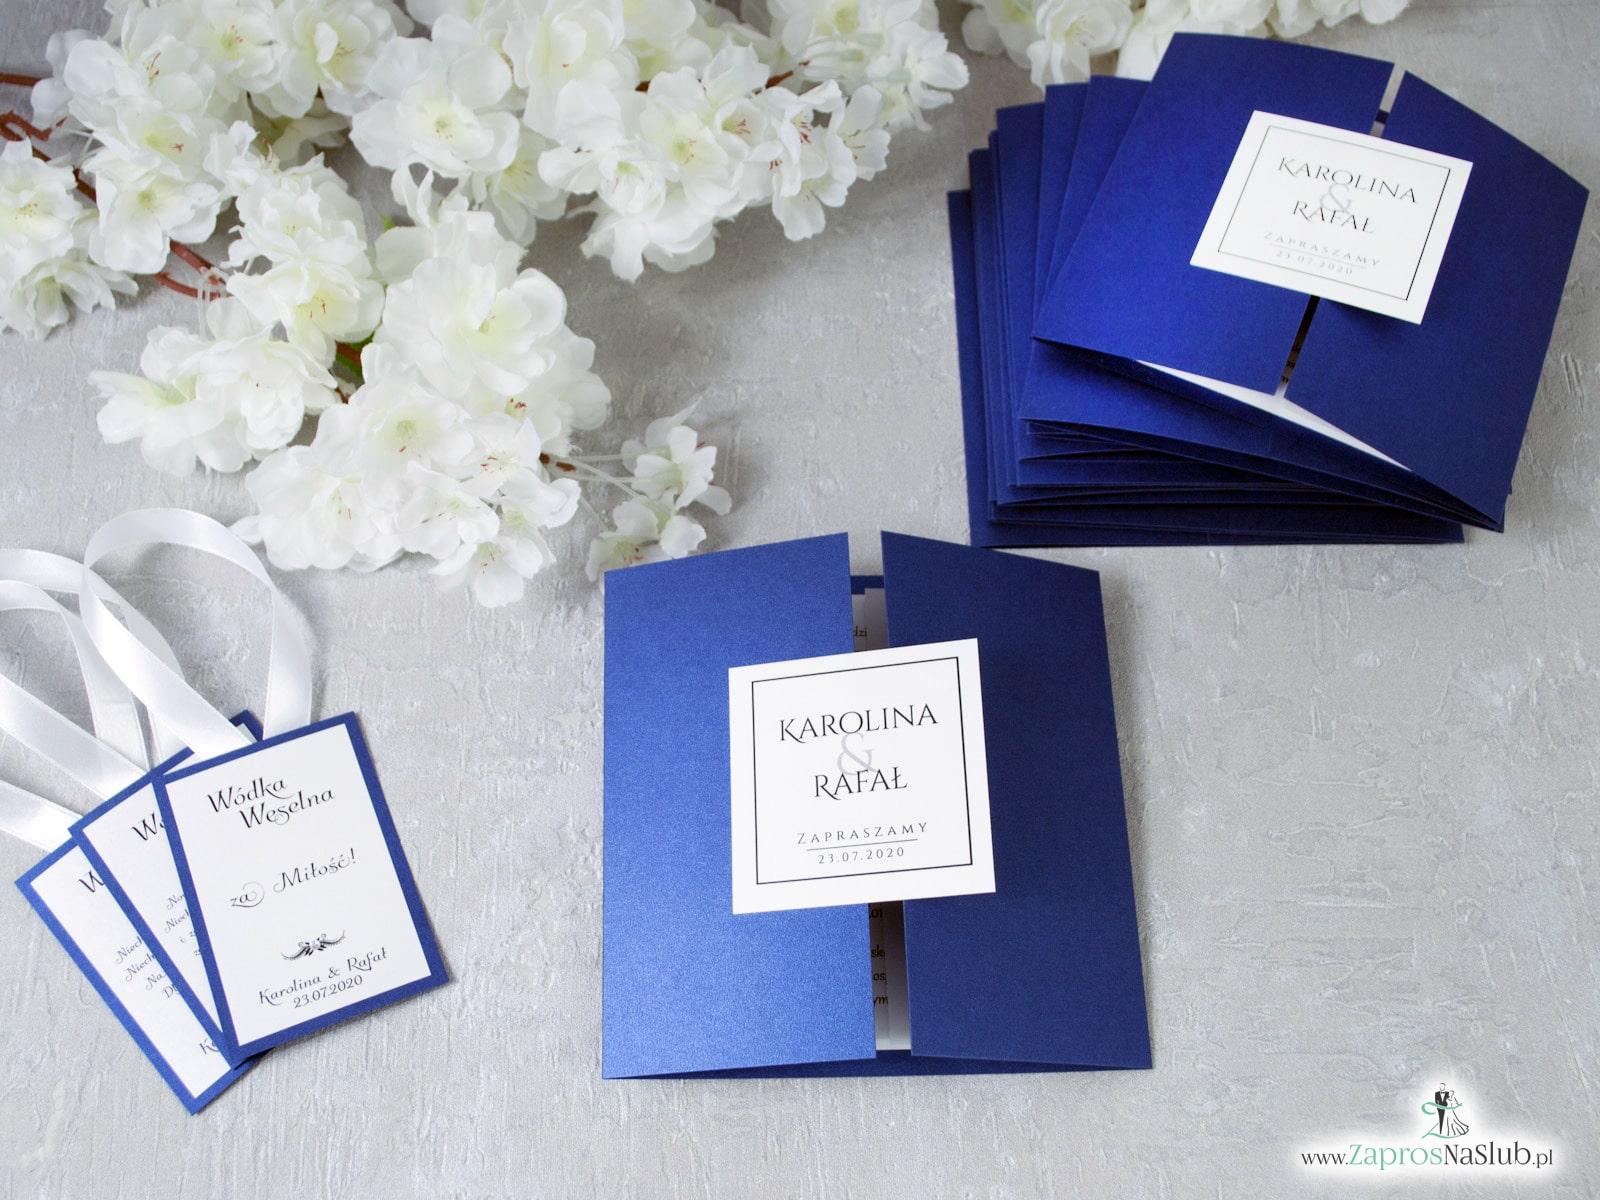 Stylowe zaproszenia ślubne w kolorze niebieskim, rozkładane na trzy części, z przyklejanym wnętrzem oraz motywem tekstowym. ZAP-74-86